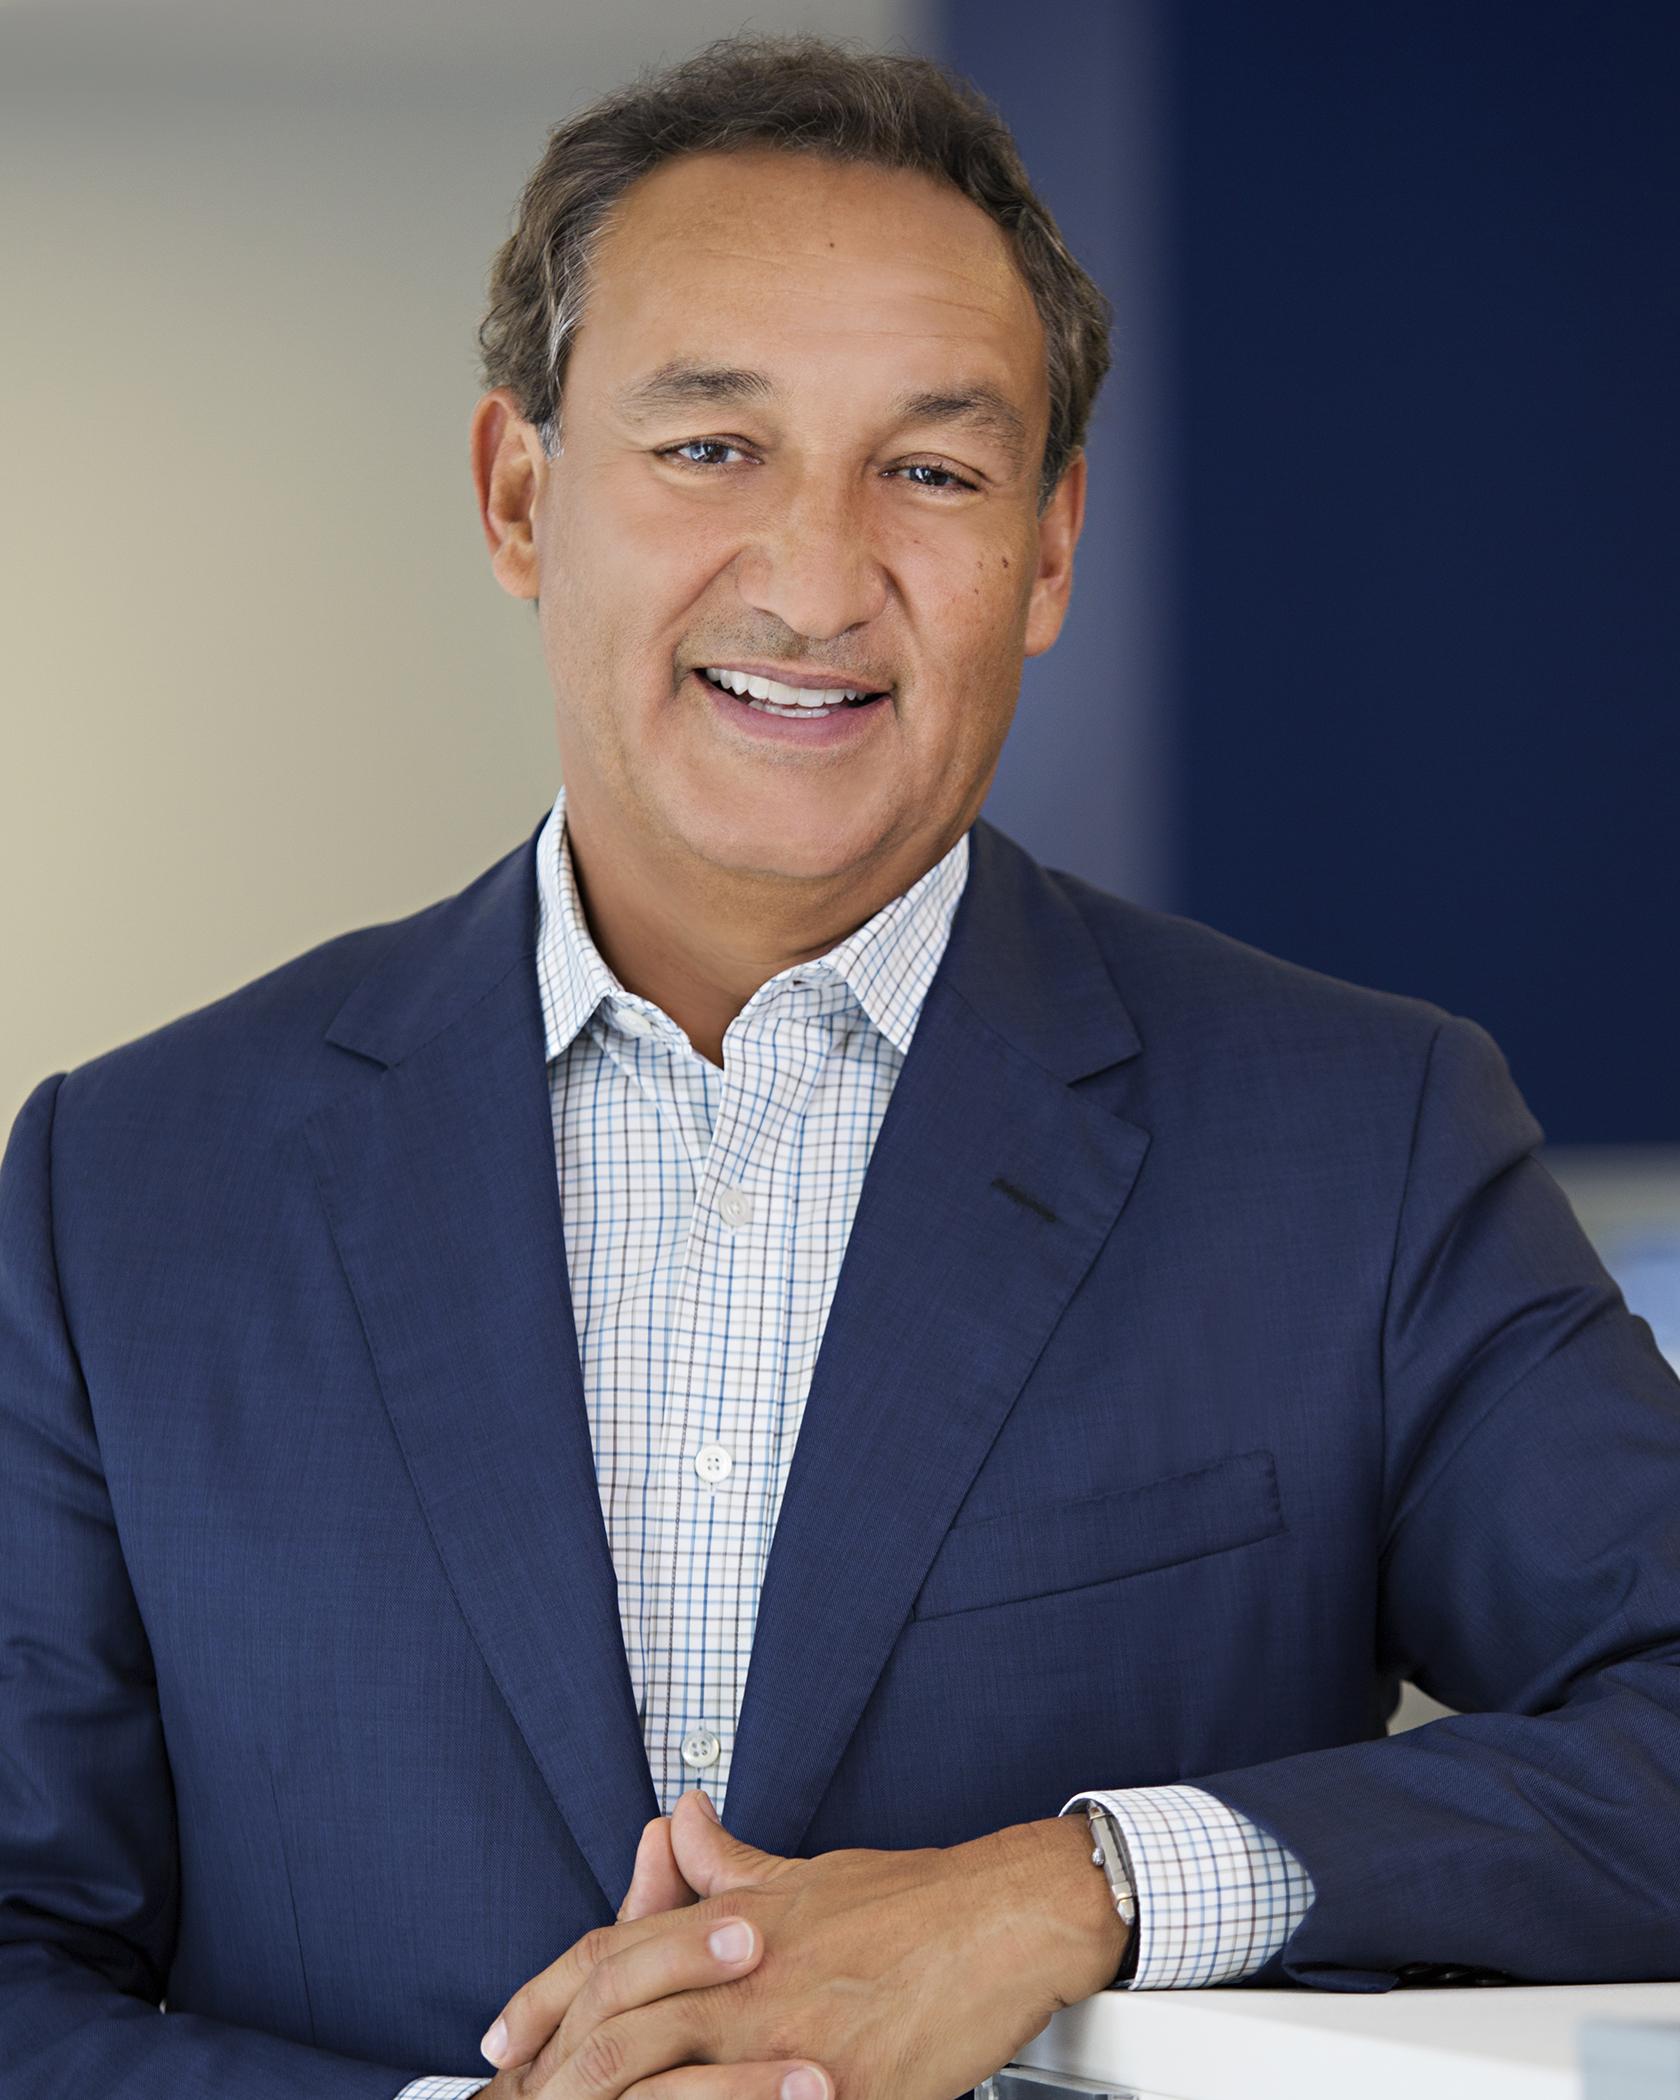 United Continental CEO Oscar Munoz